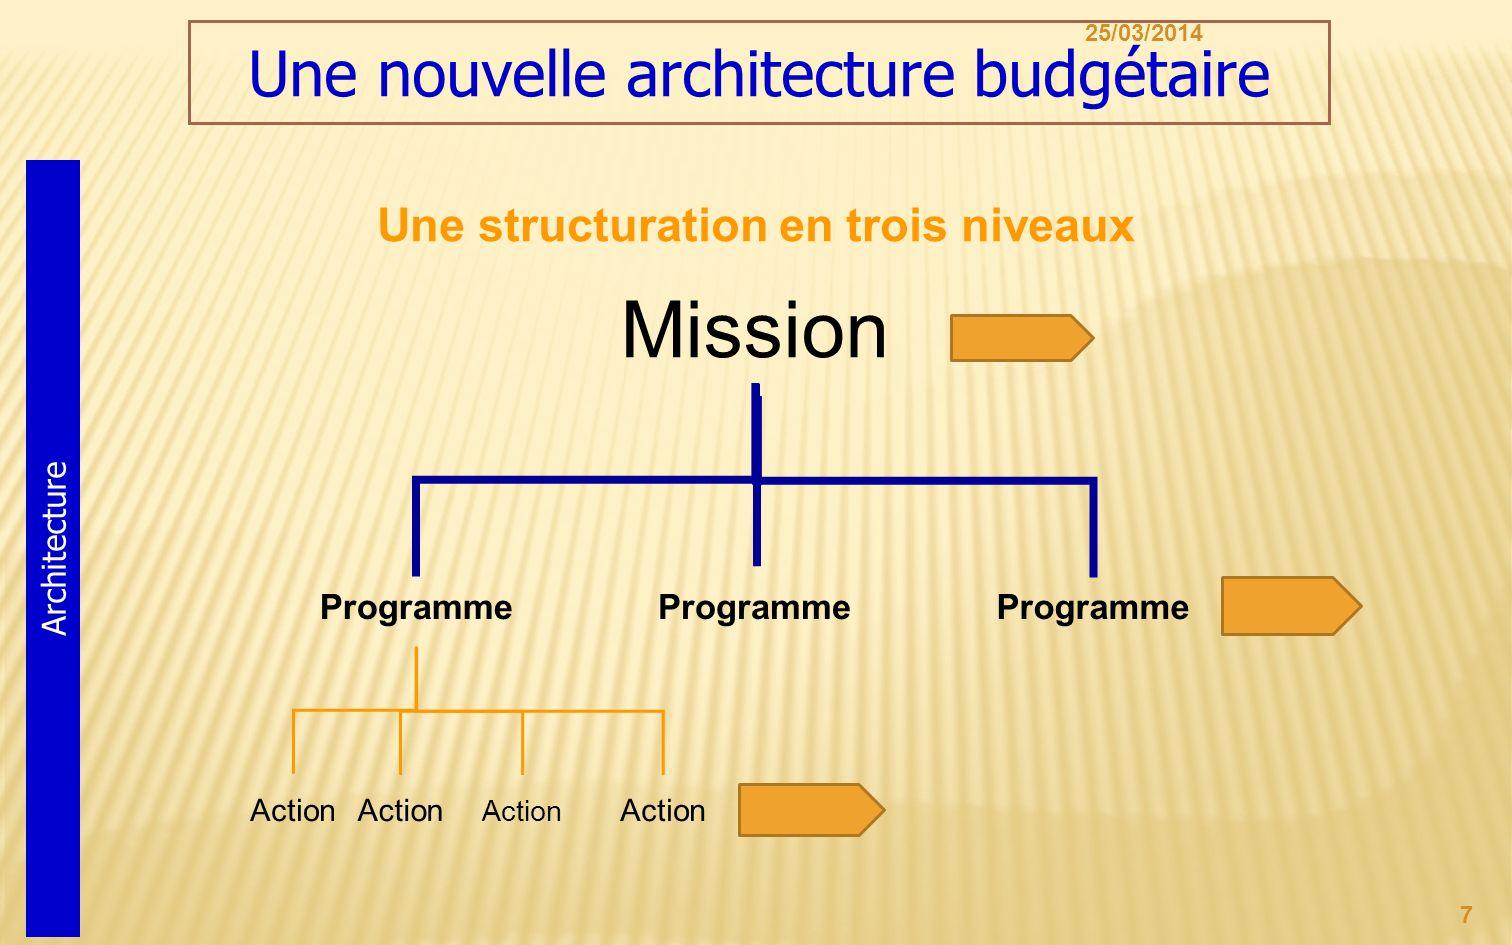 25/03/2014 7 Mission Programme Action Une nouvelle architecture budgétaire Architecture Une structuration en trois niveaux